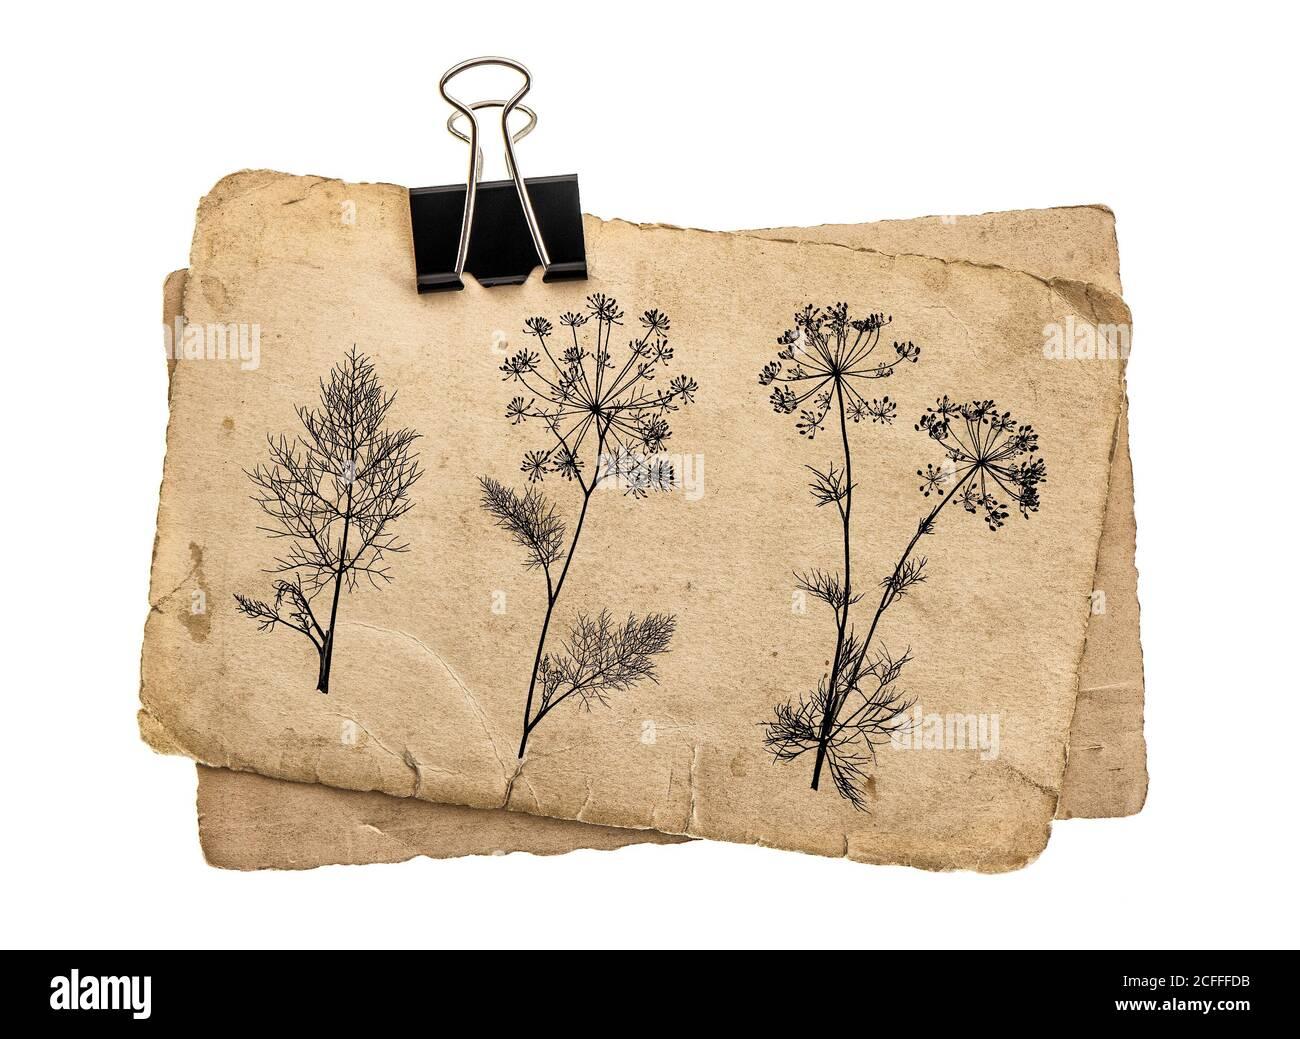 Anciennes feuilles de papier avec clip vintage. Dessin floral texture carton grundy Banque D'Images